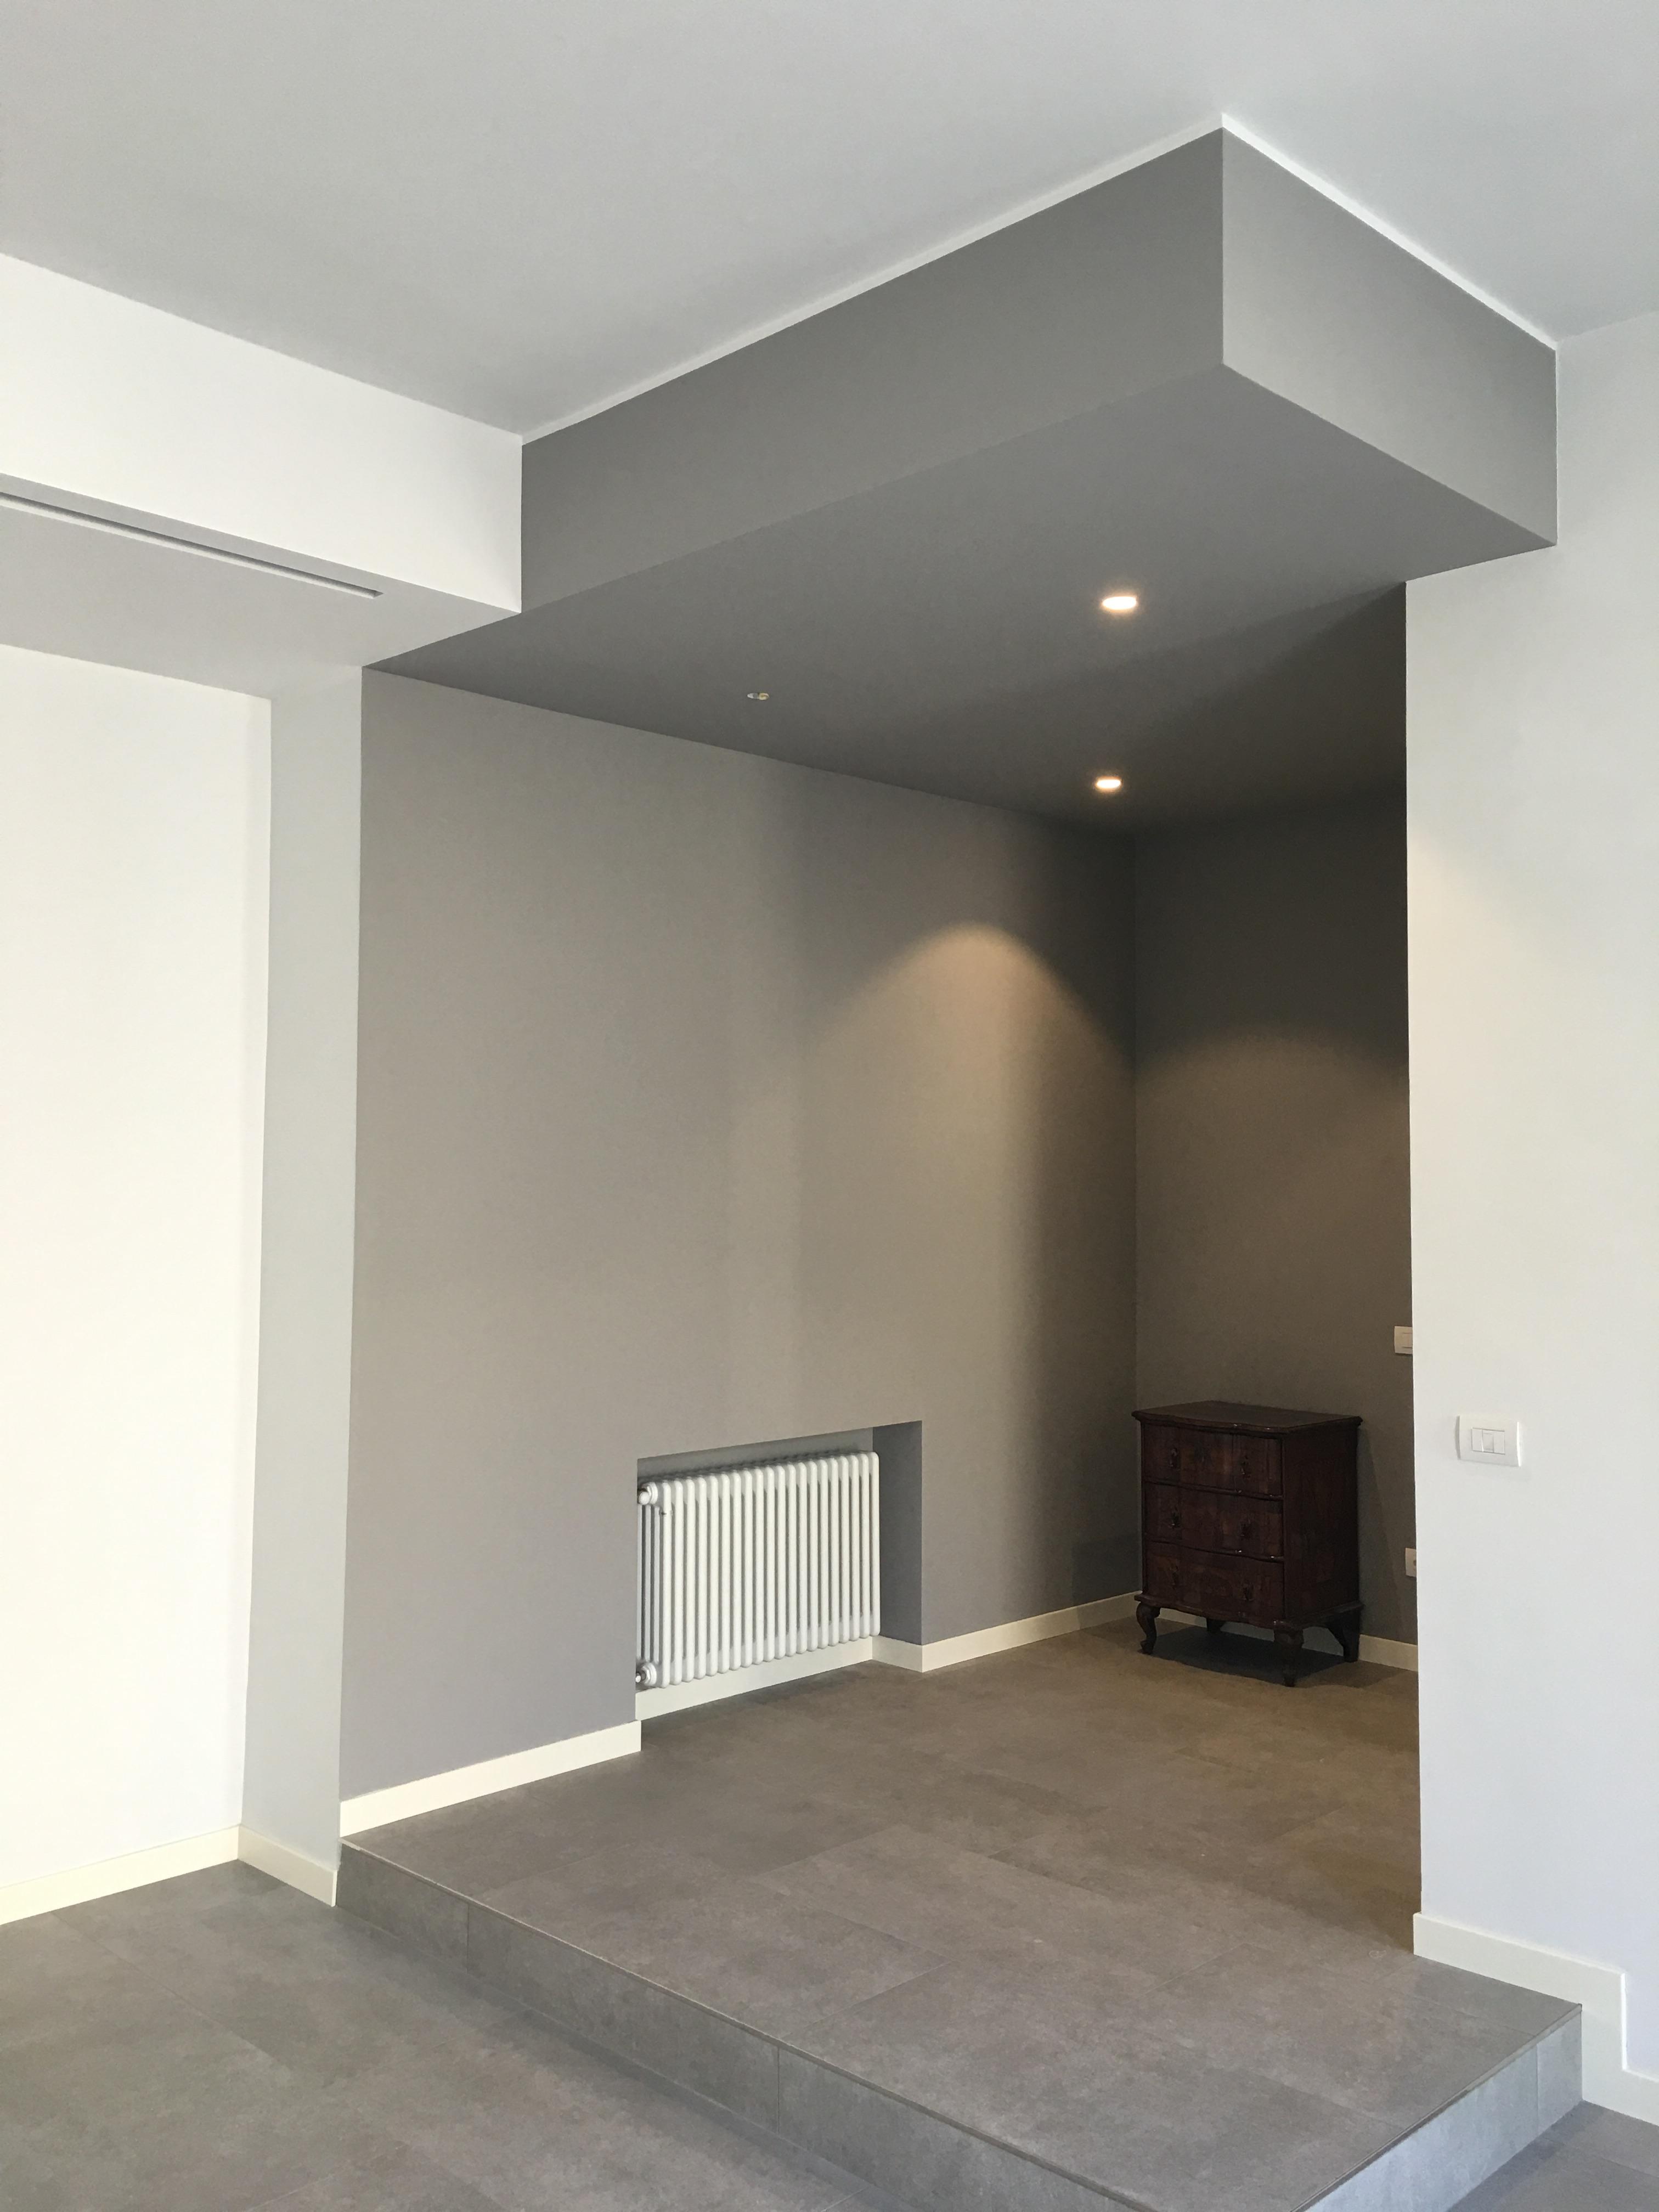 porta vittoria appartamento stupendo ristrutturato milano immobiliare-04.JPG